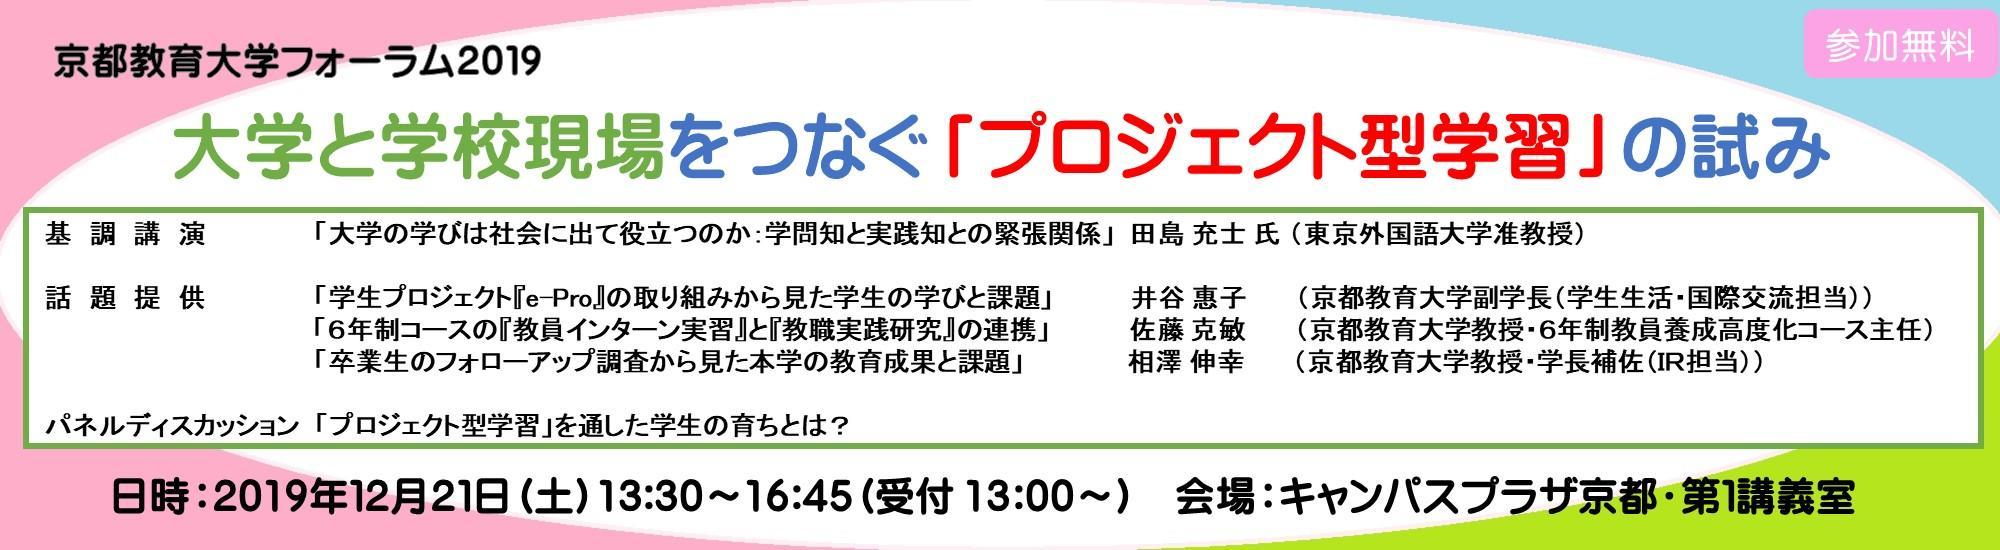 京都教育大学フォーラム